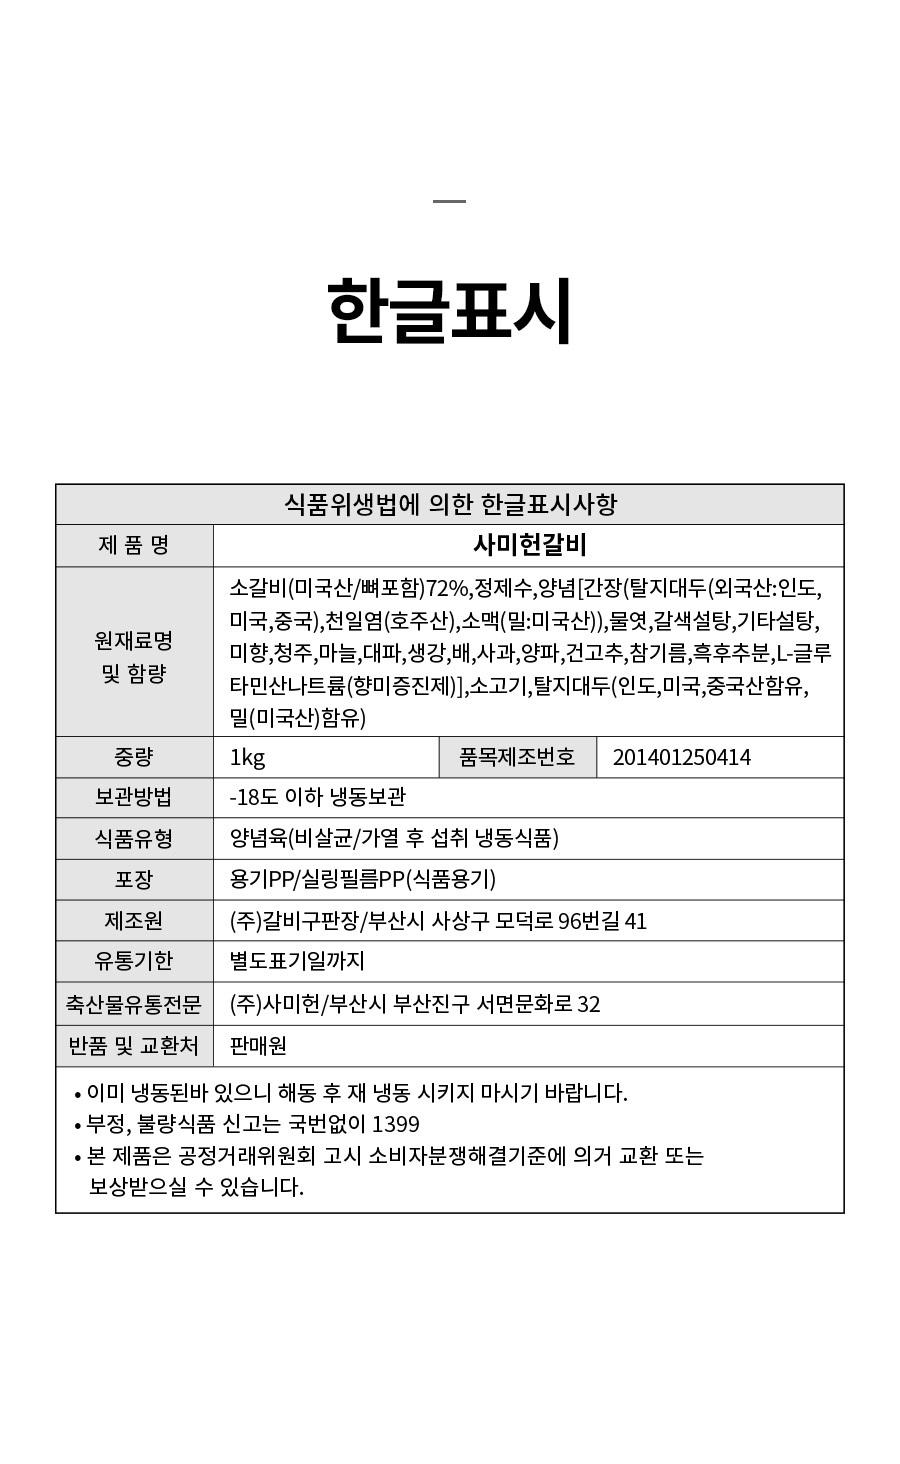 사미헌양념소갈비